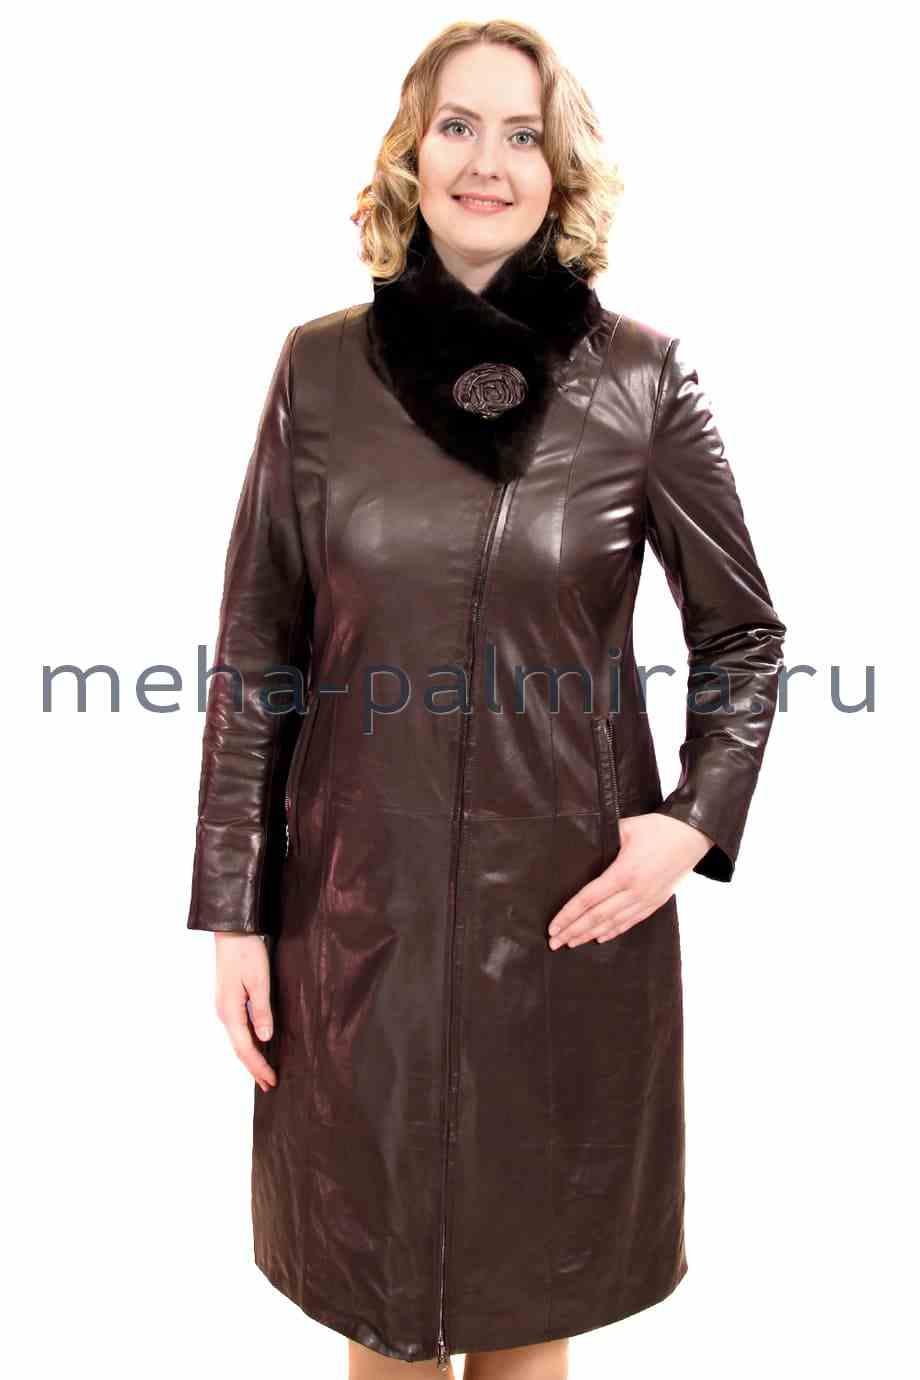 Кожаный плащ утеплённый, воротник-стойка из меха кролика, цвет - коричневый